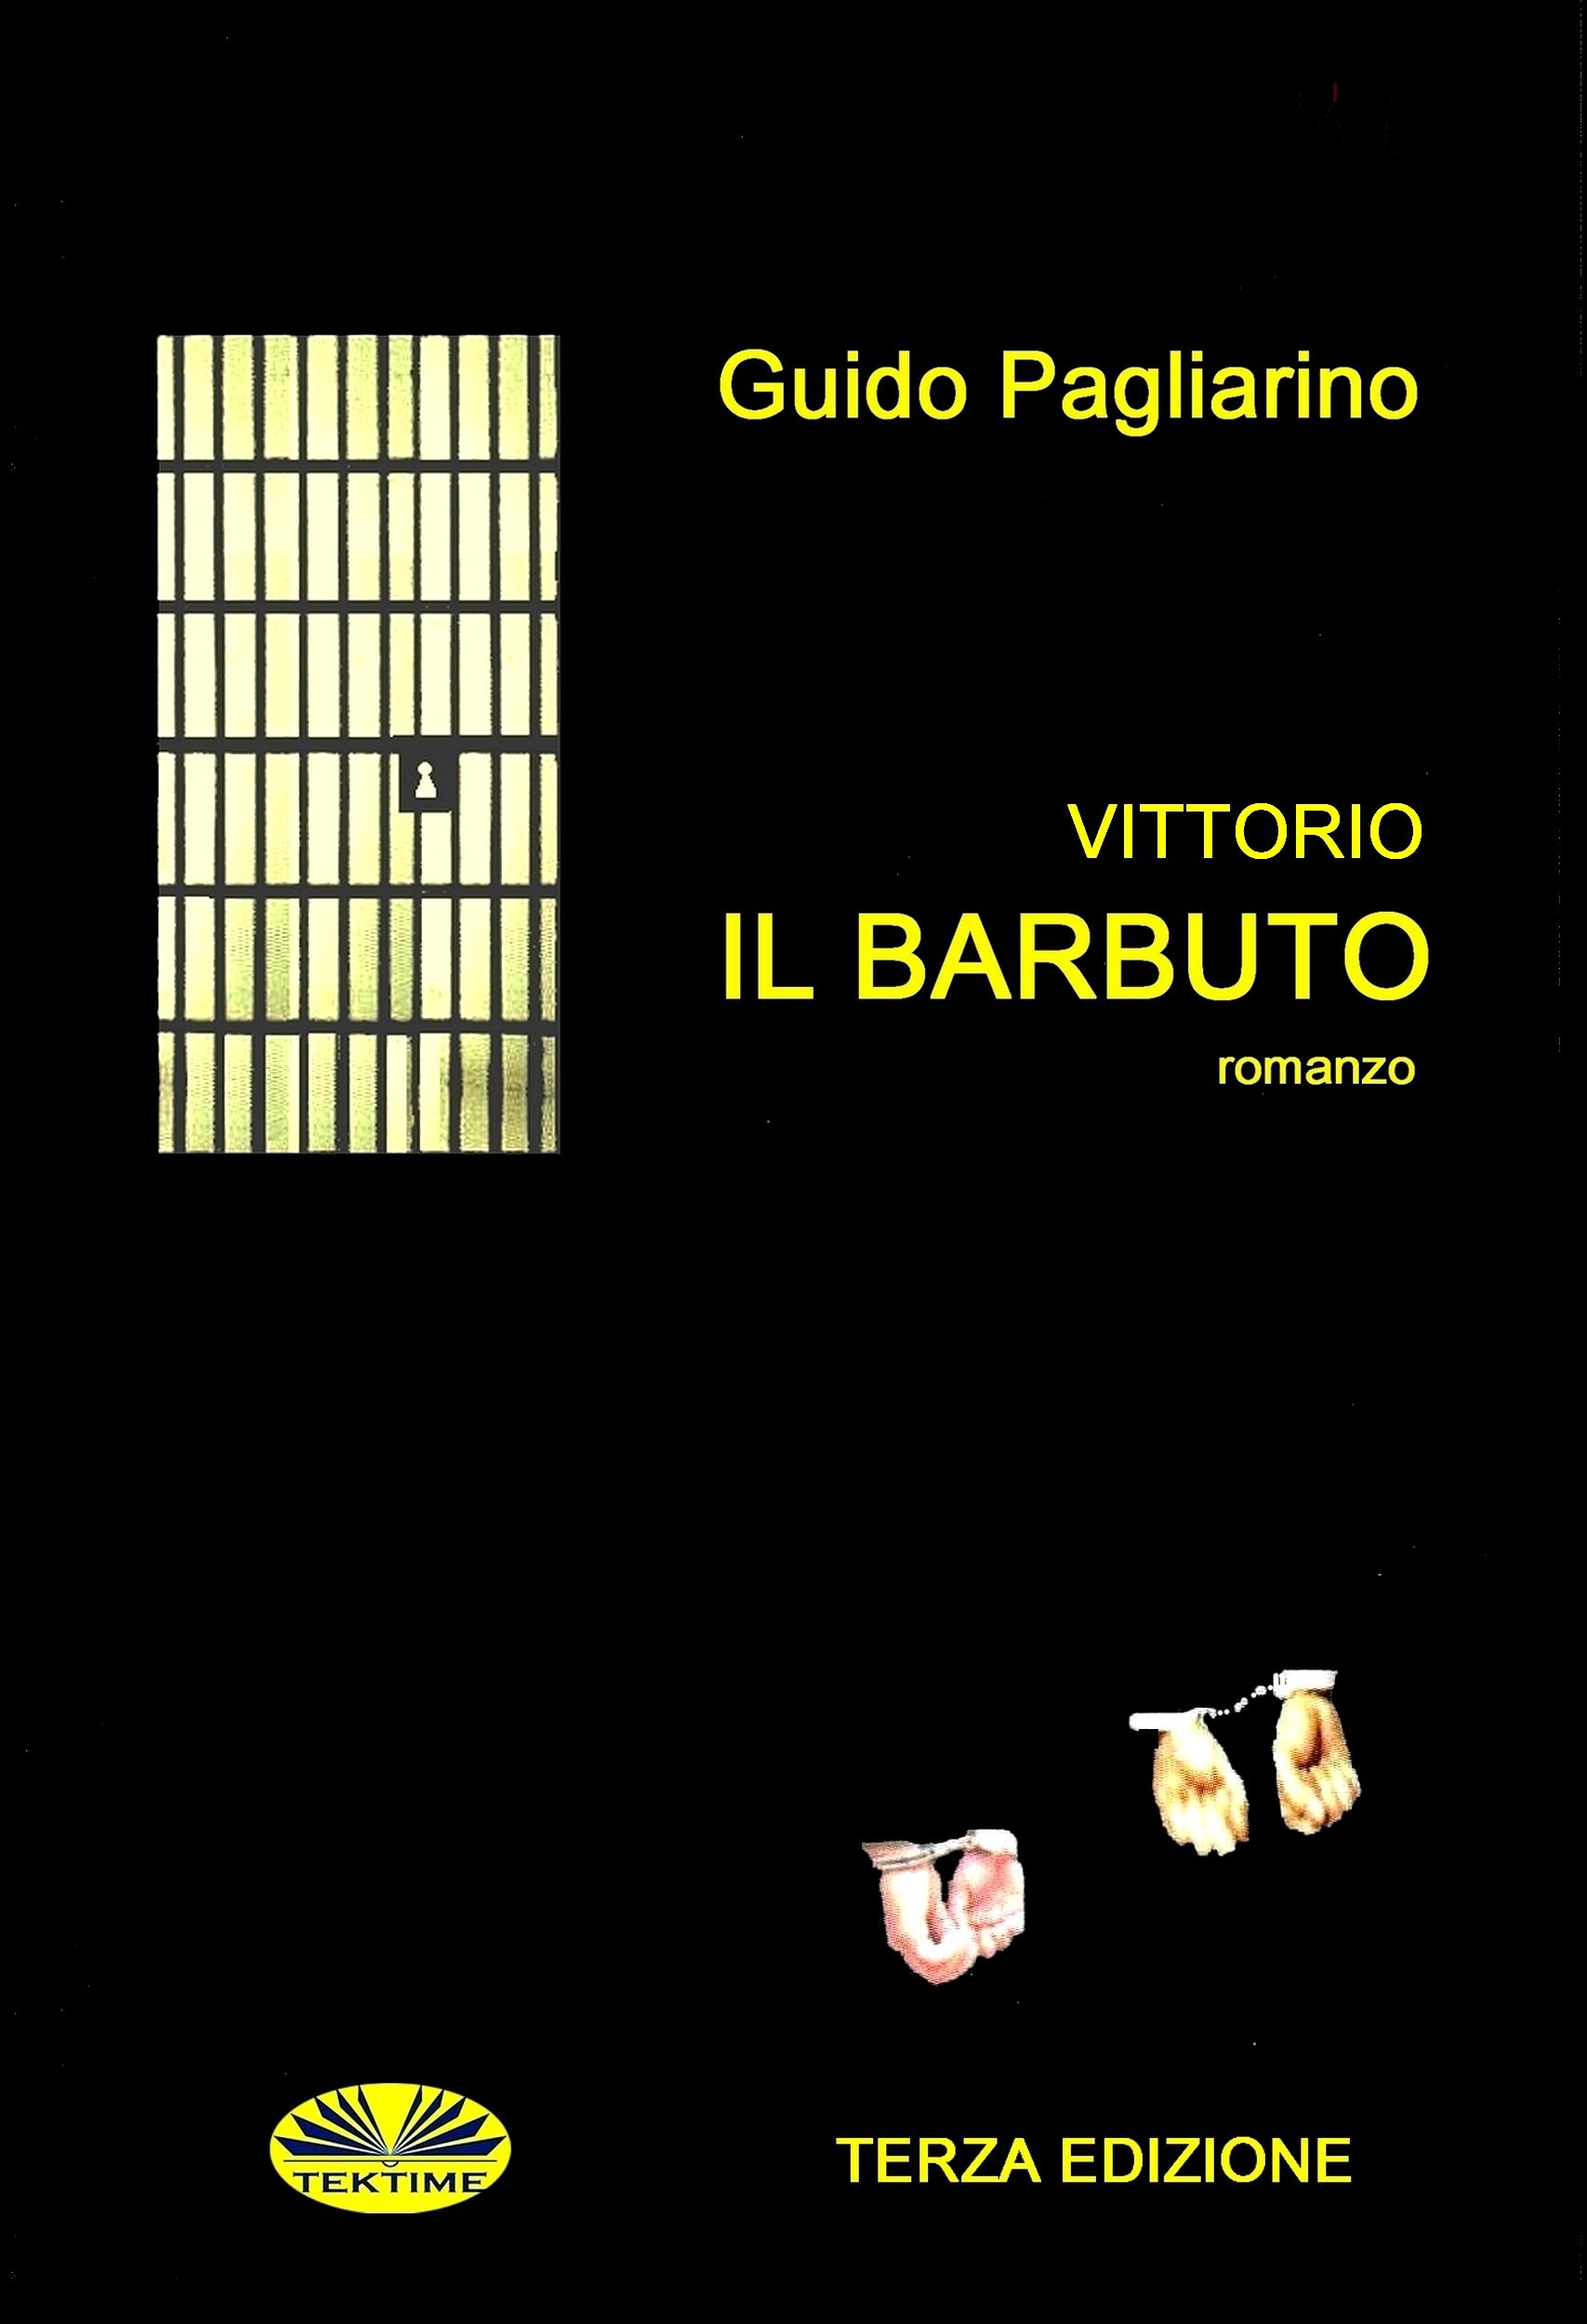 Guido Pagliarino Vittorio Il Barbuto guido pagliarino il vero e il verosimile